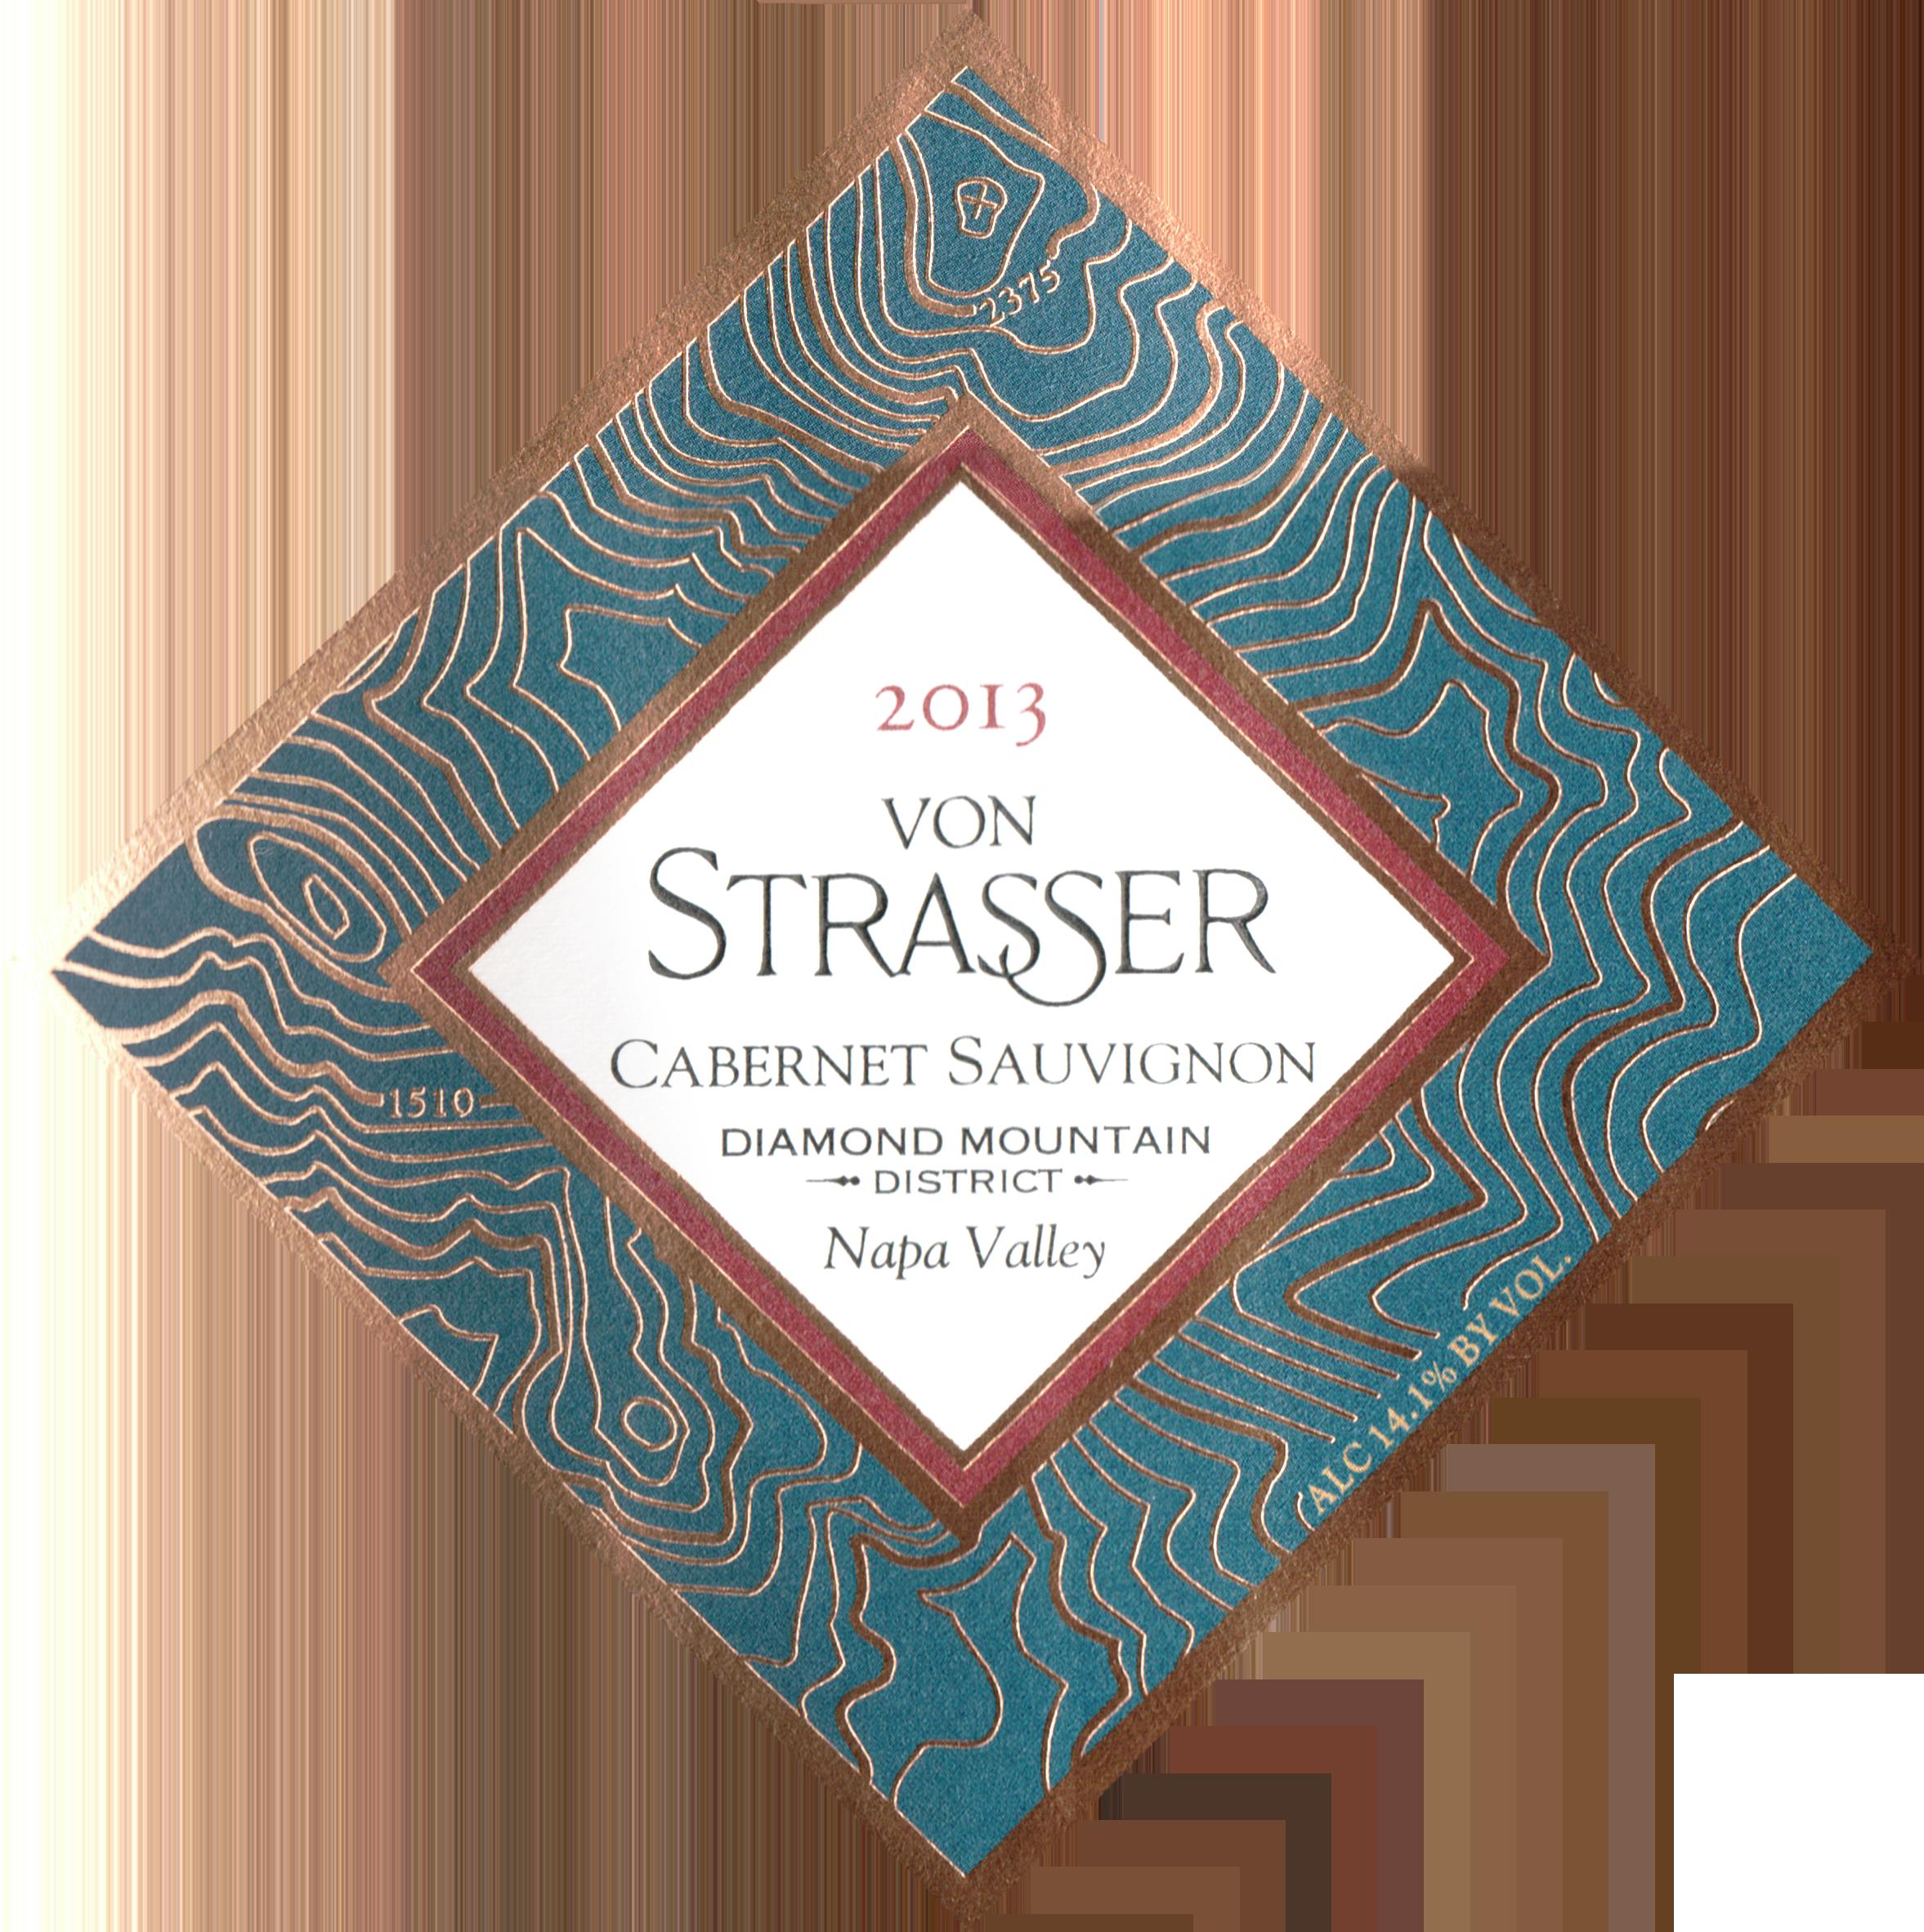 Von Strasser Diamond Mountain Cabernet Sauvignon 2013